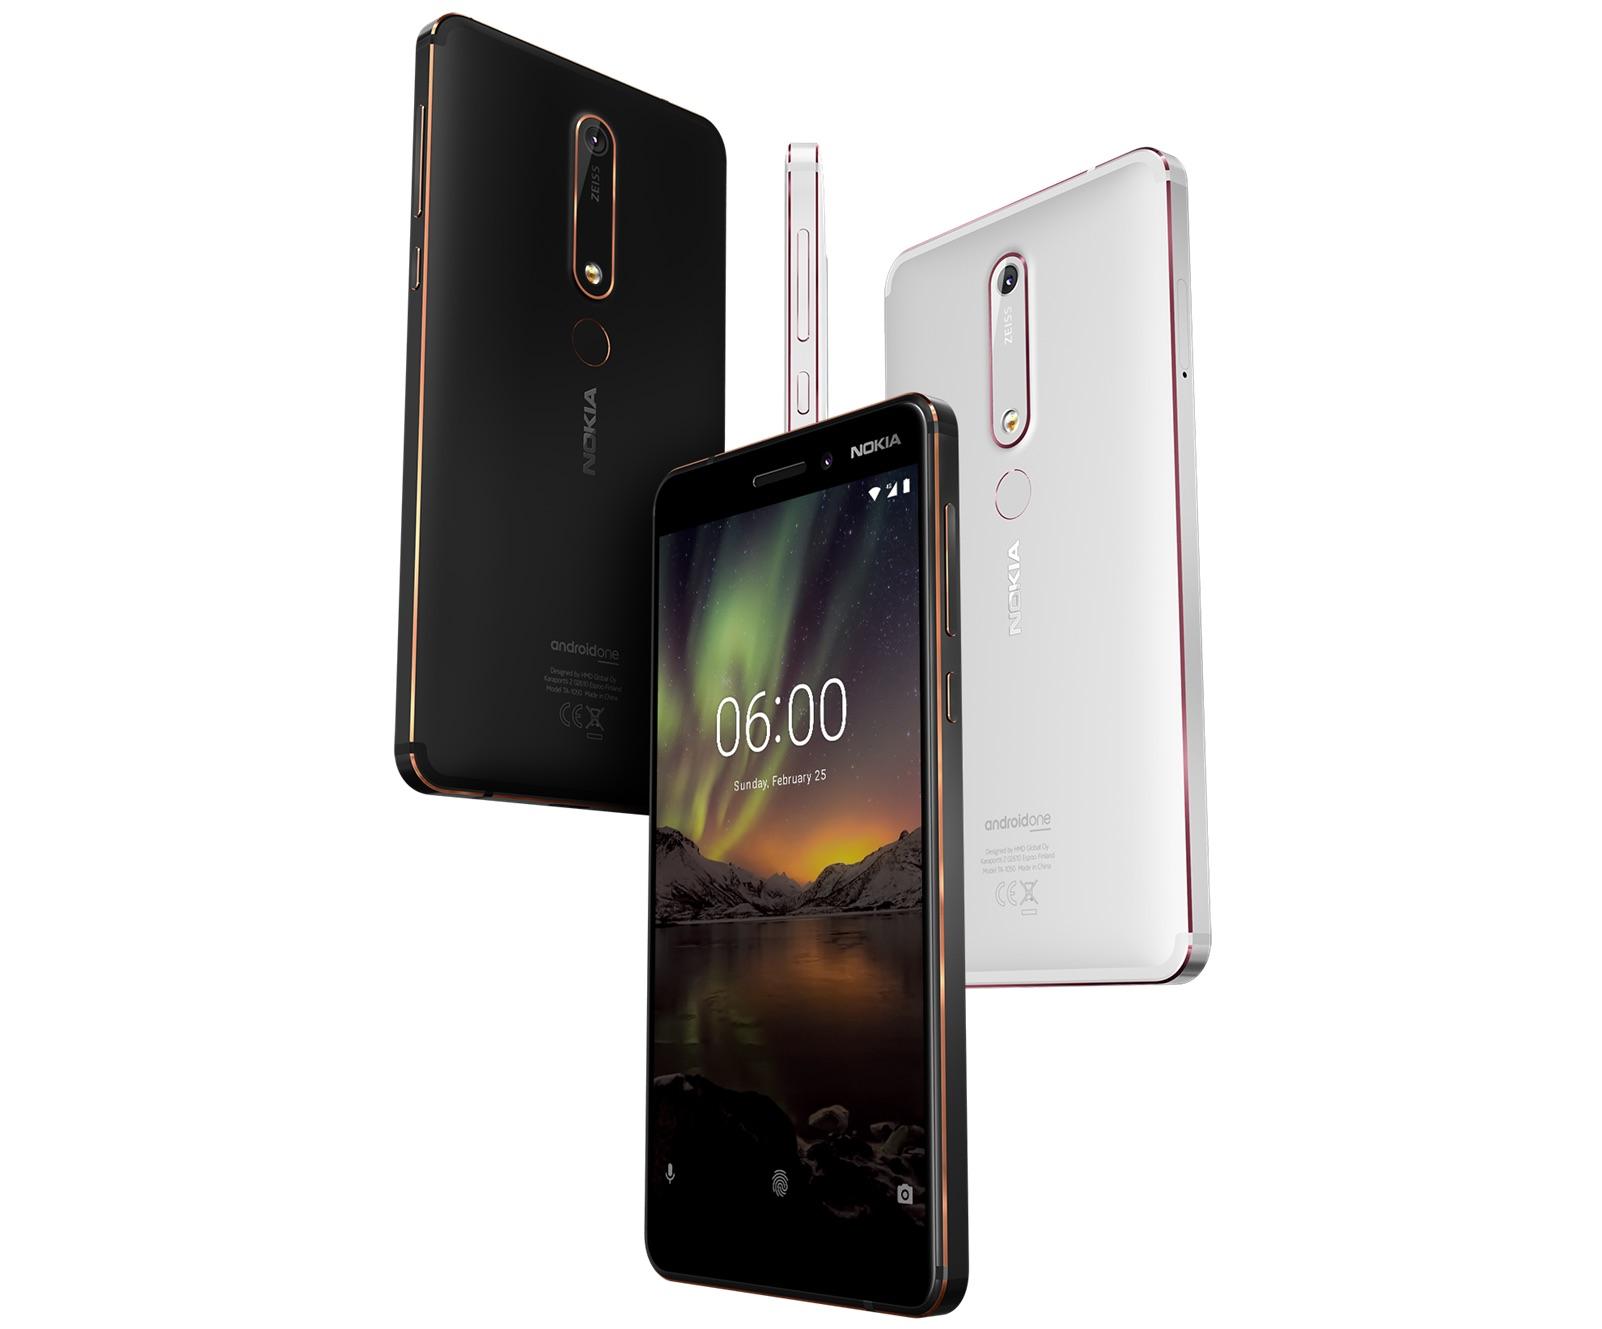 Ya puedes comprar el nuevo Nokia 6 con Android One